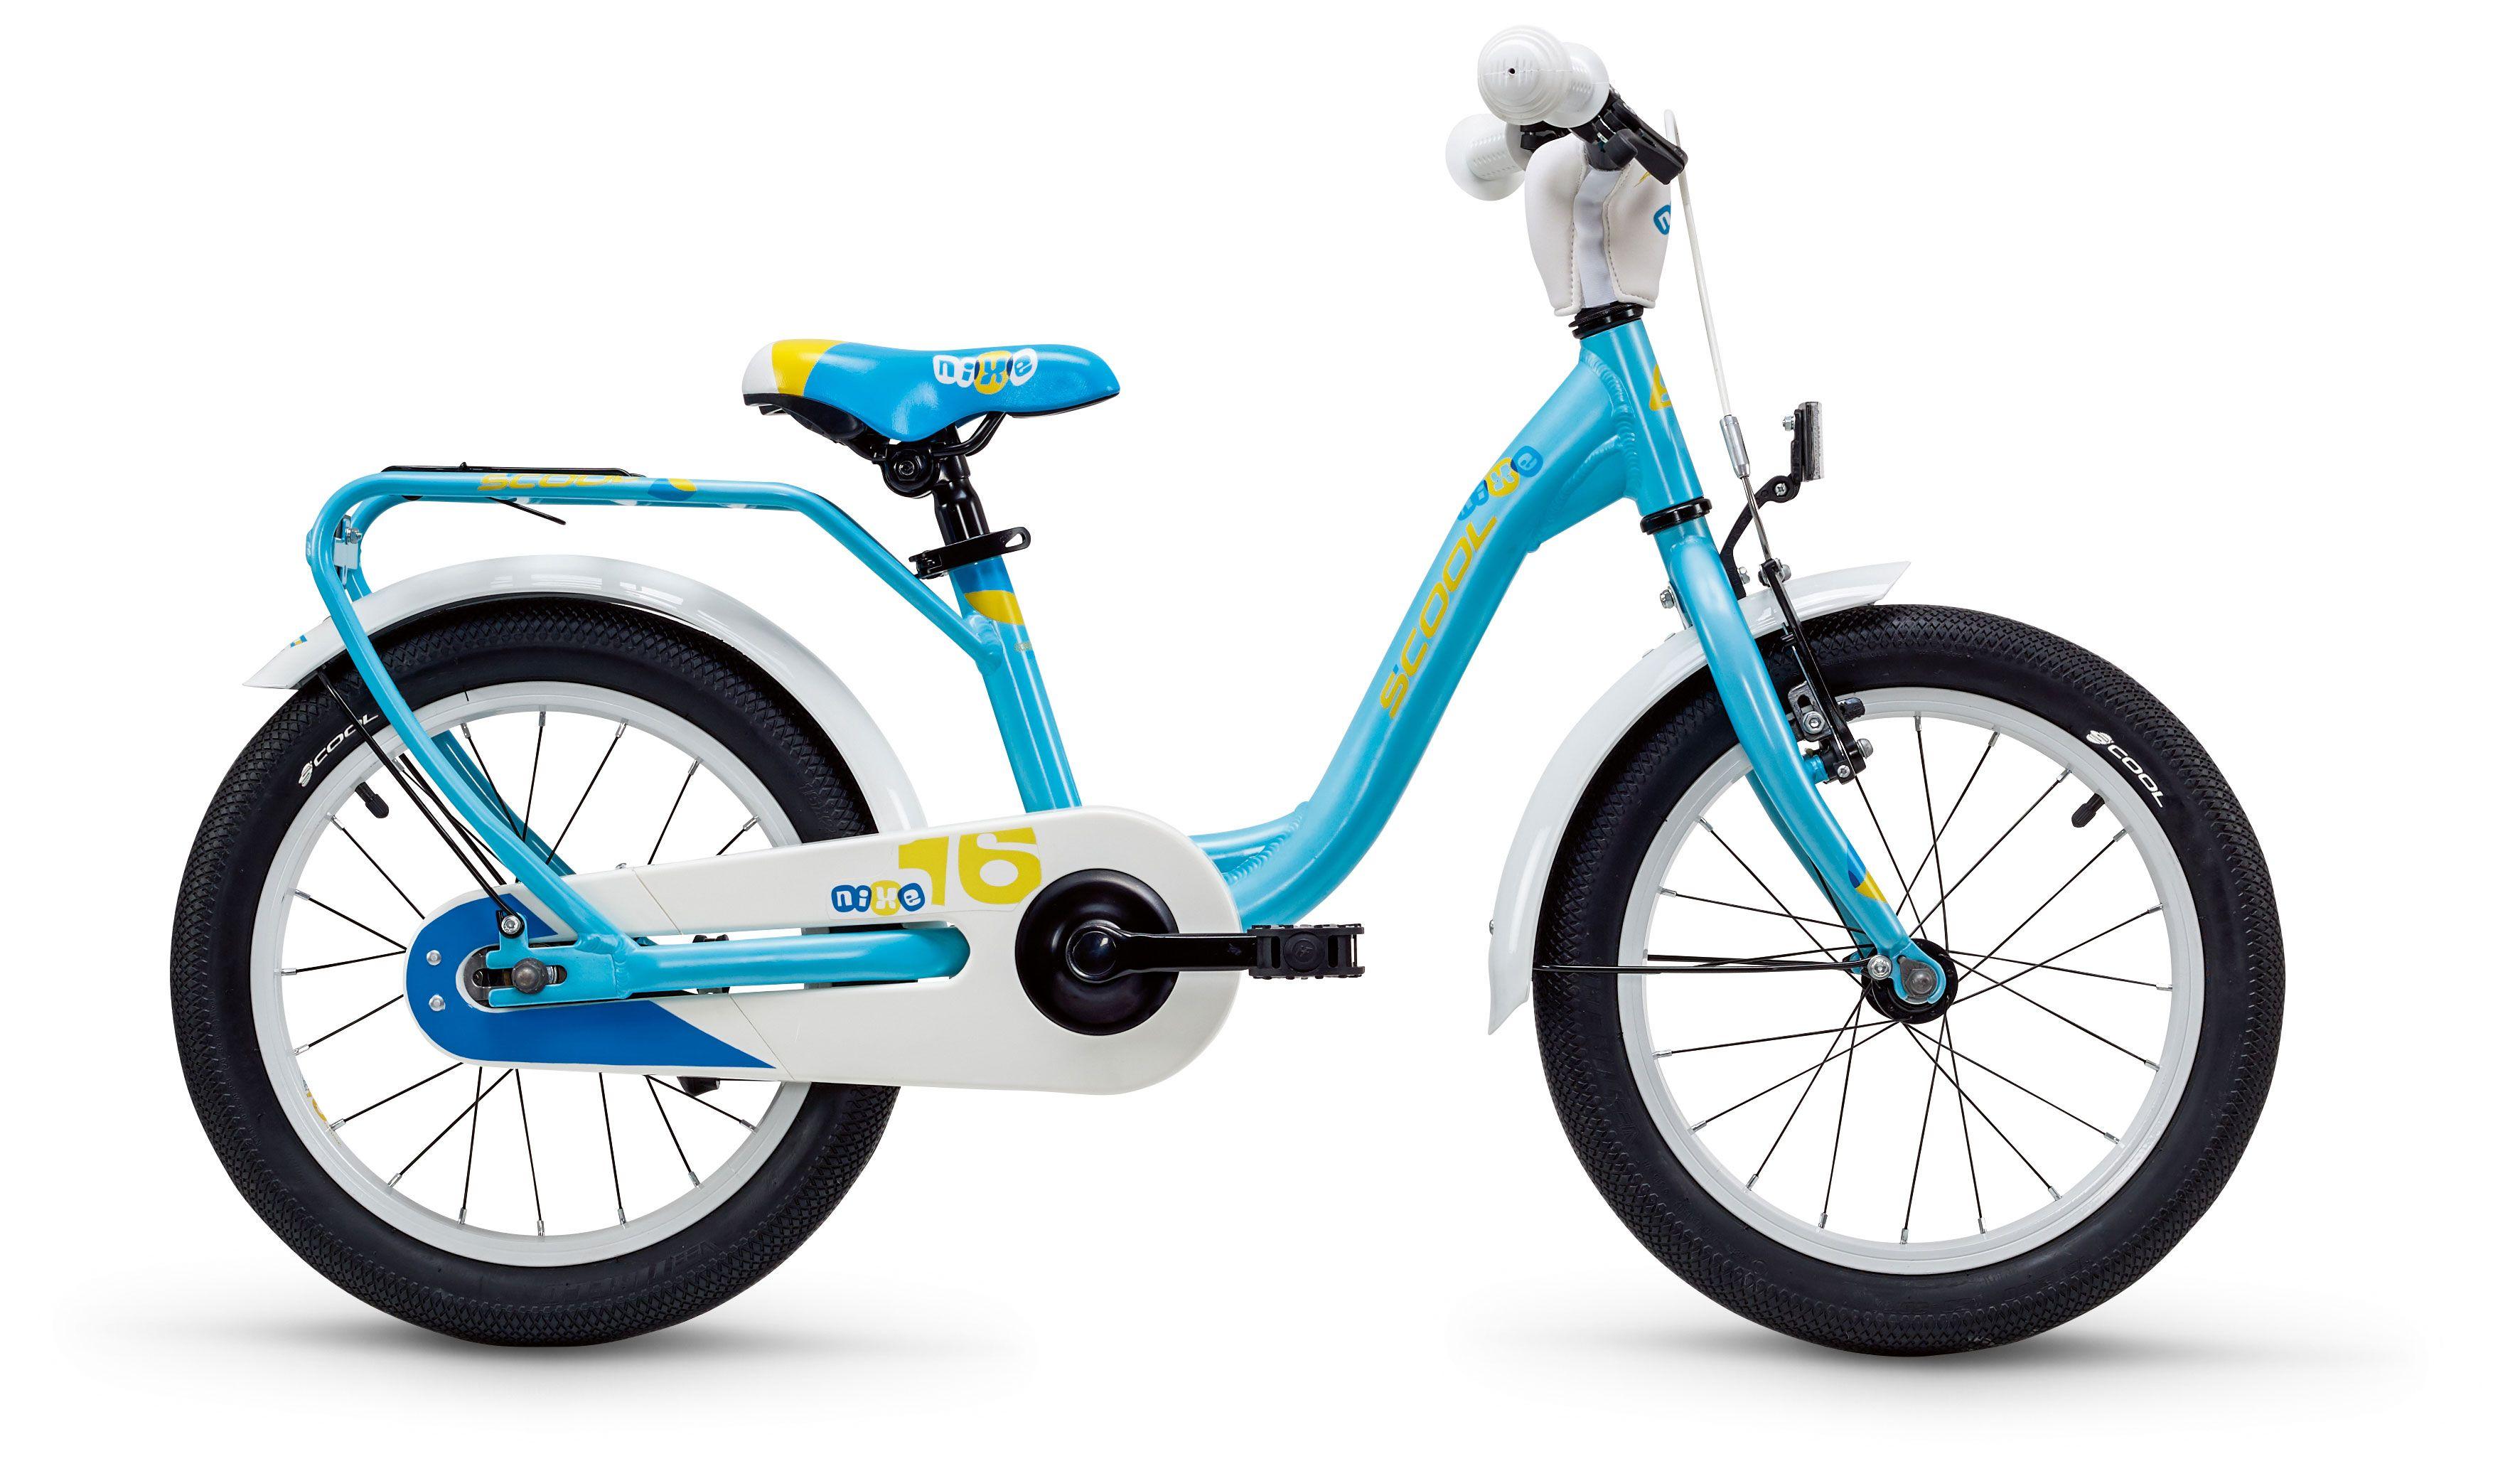 Велосипед Scool niXe alloy 16 1-S 2018 велосипед scool nixe 16 2016